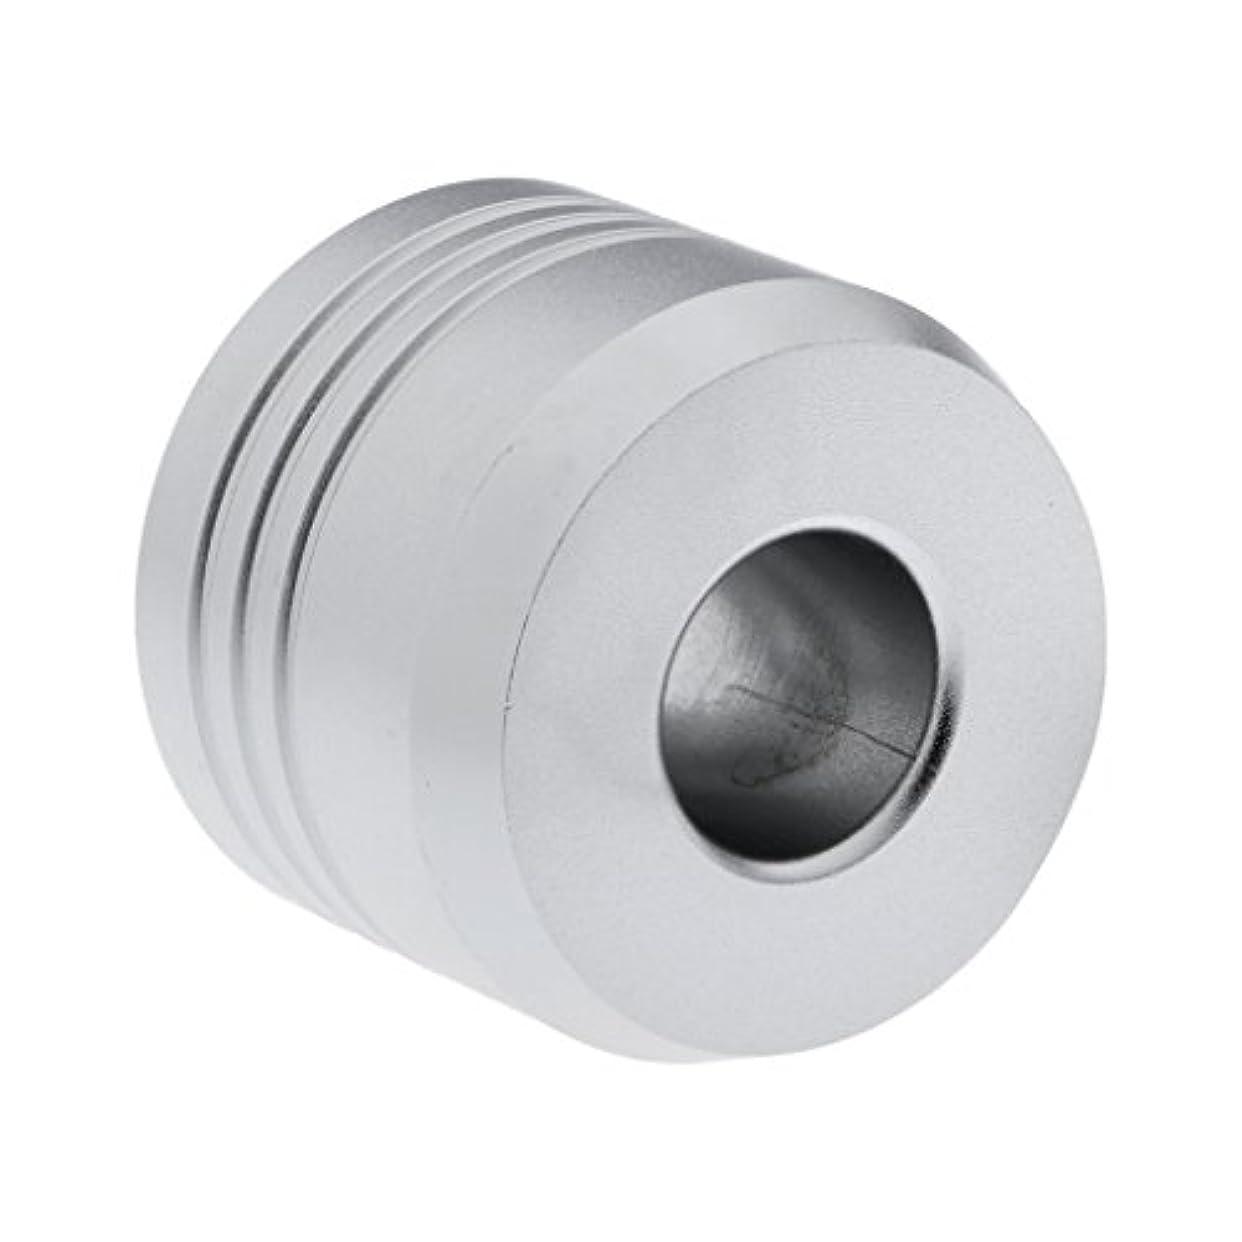 噴出する遊具香水カミソリスタンド スタンド シェービング カミソリ ホルダー ベース サポート 調節可 メンズ 男性 プレゼント 2色選べ - 銀